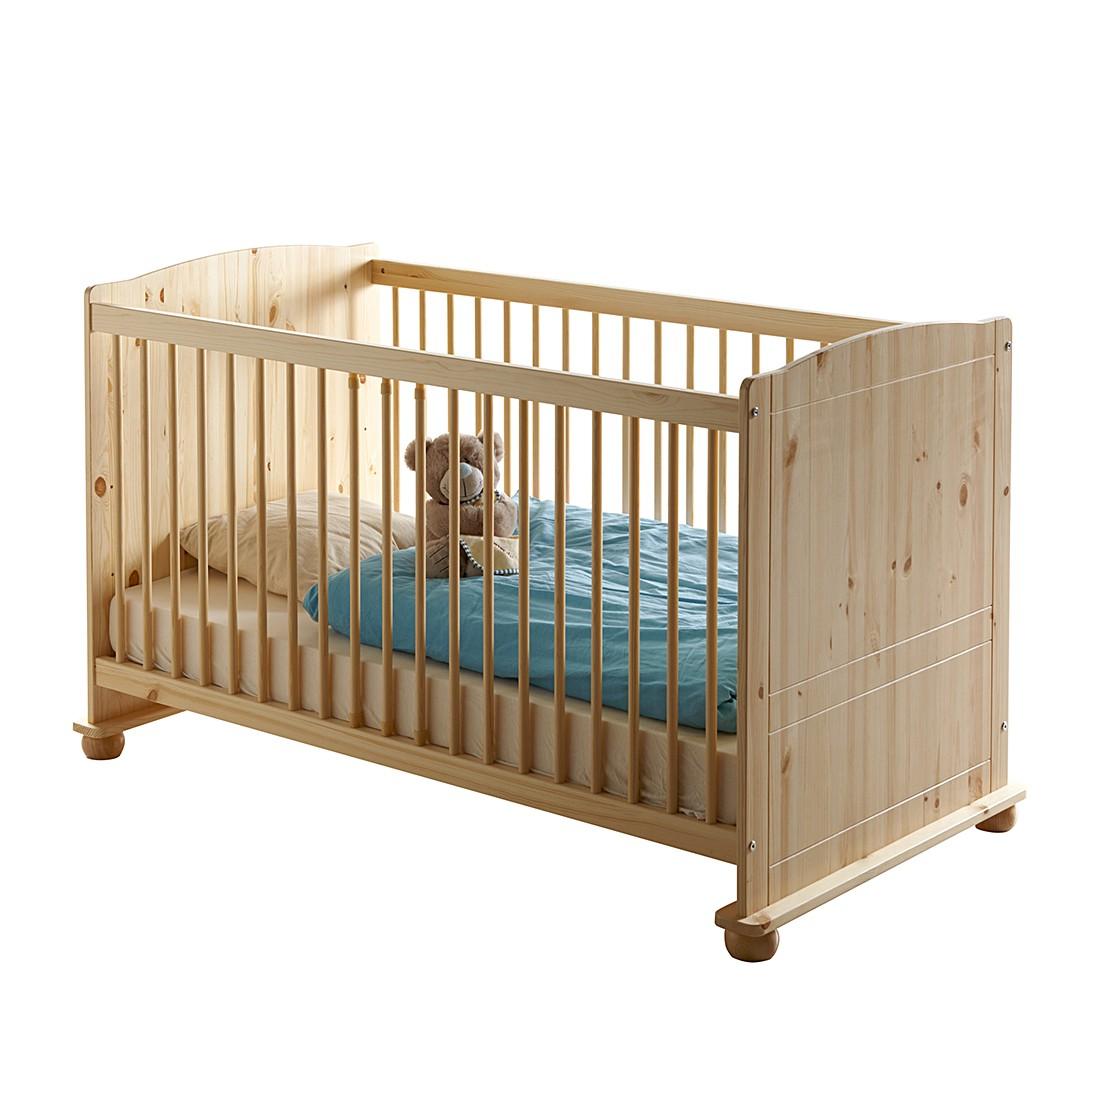 Babyzimmer einrichtung g nstig kaufen - Babyzimmer janne ...